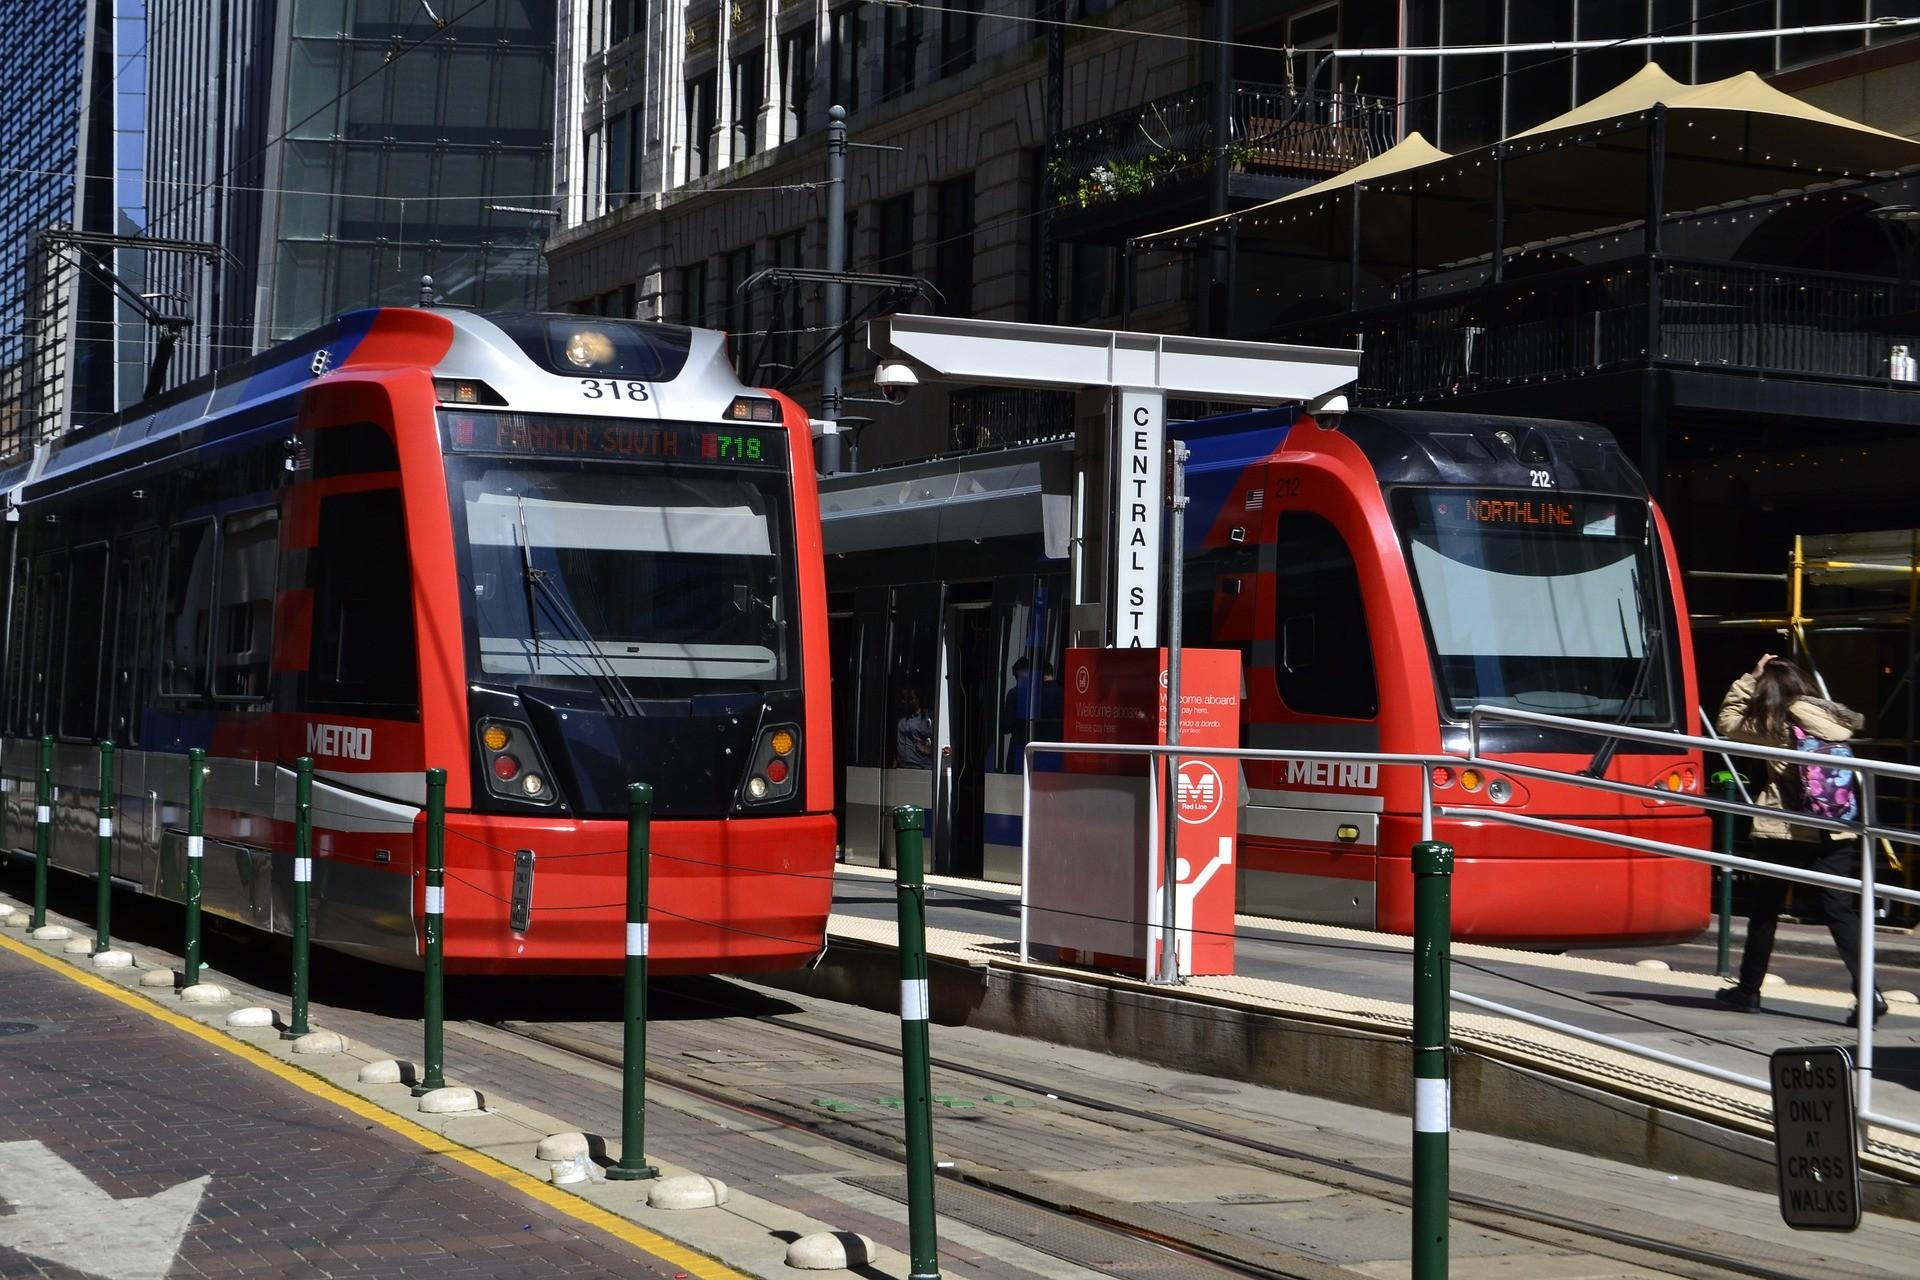 transit system, public transit, telematics, iot,